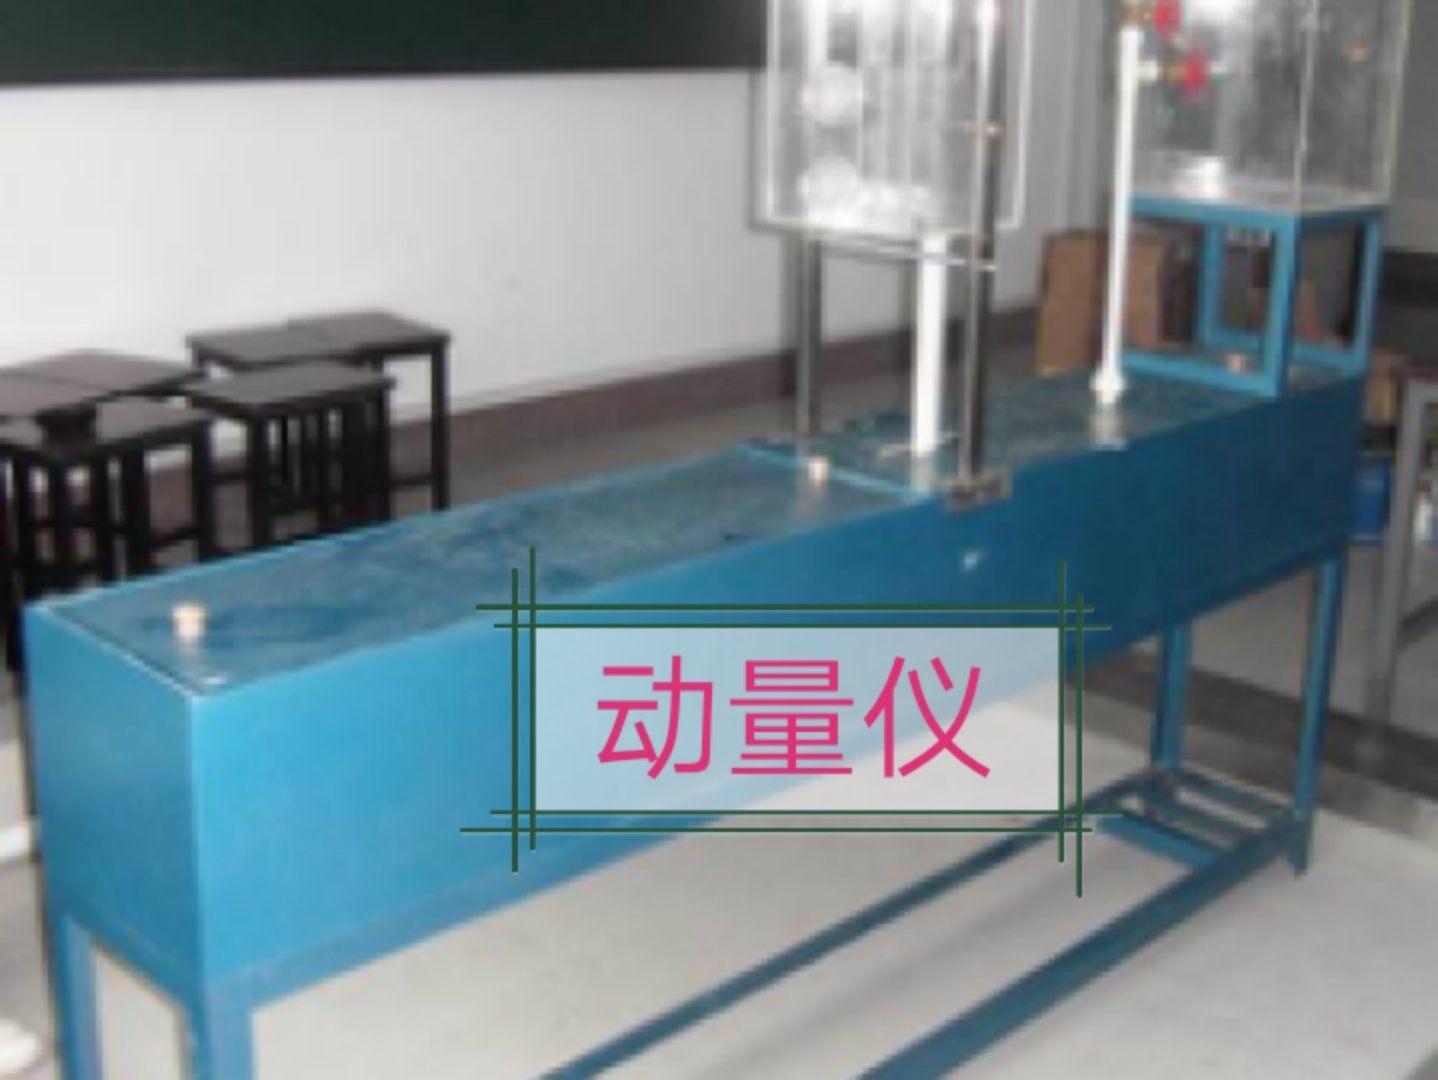 合肥价格优惠的变底波活动小水槽推荐-安徽变底波活动小水槽厂家